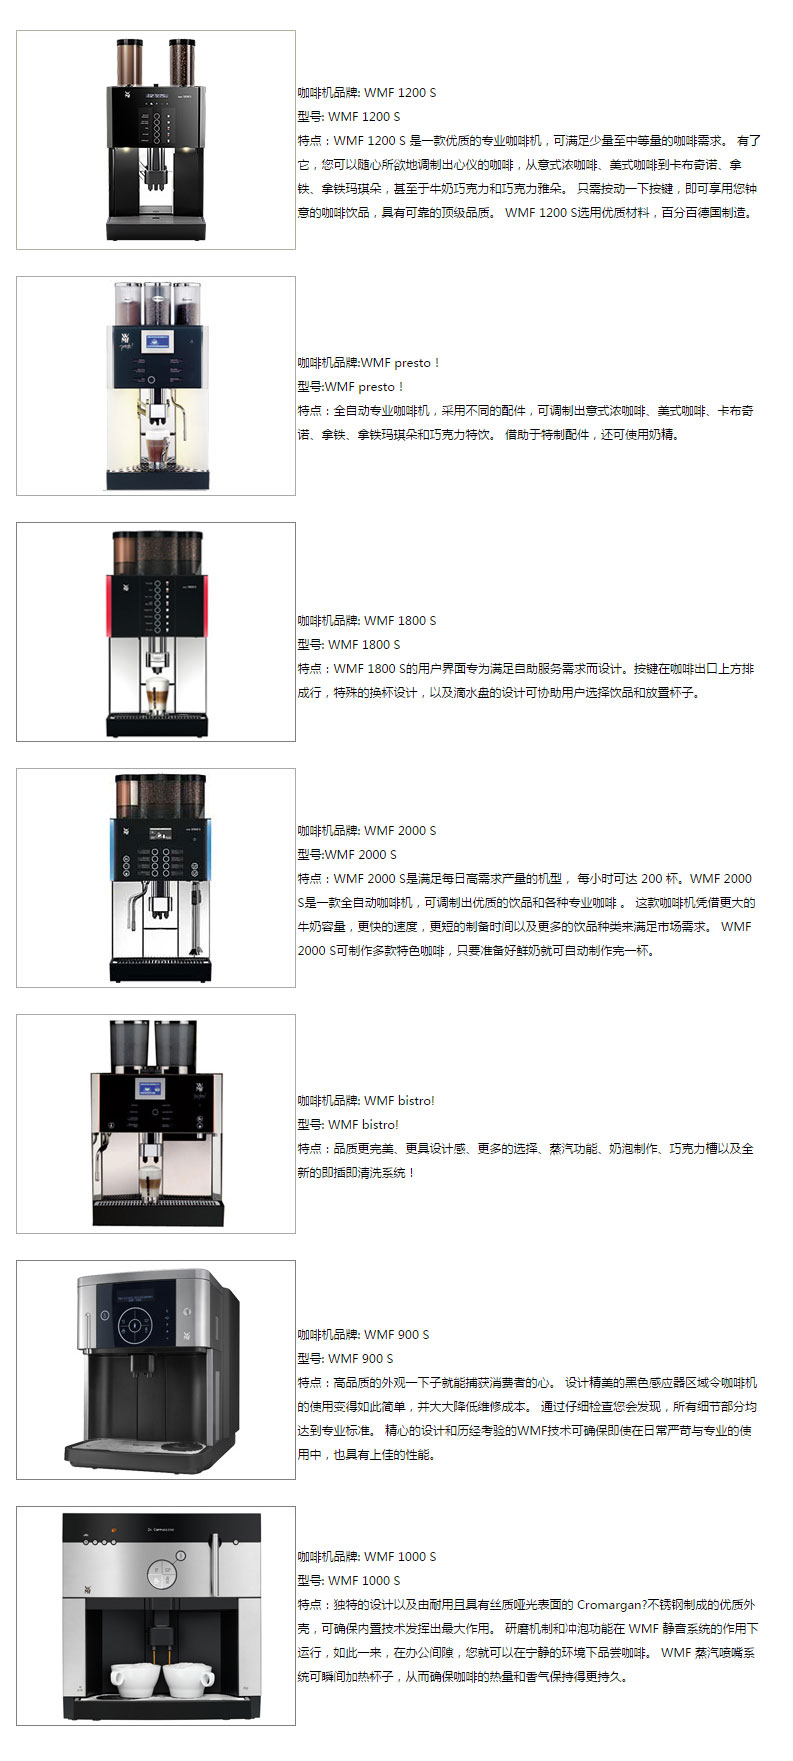 喜客全自动龙8国际手机登入口机.jpg